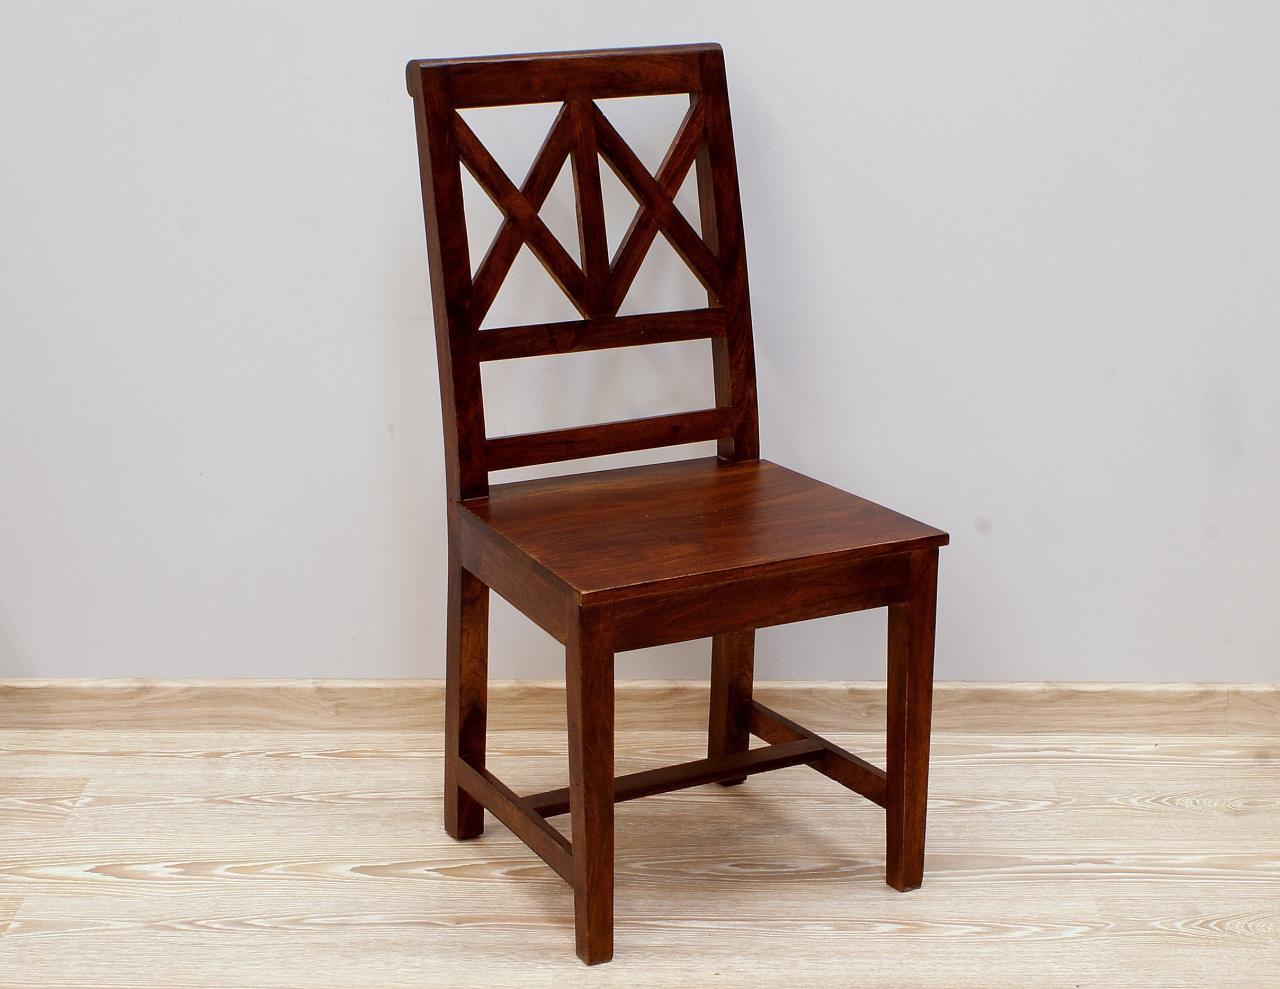 Krzesło kolonialne lite drewno palisander indyjski ciemny brąz